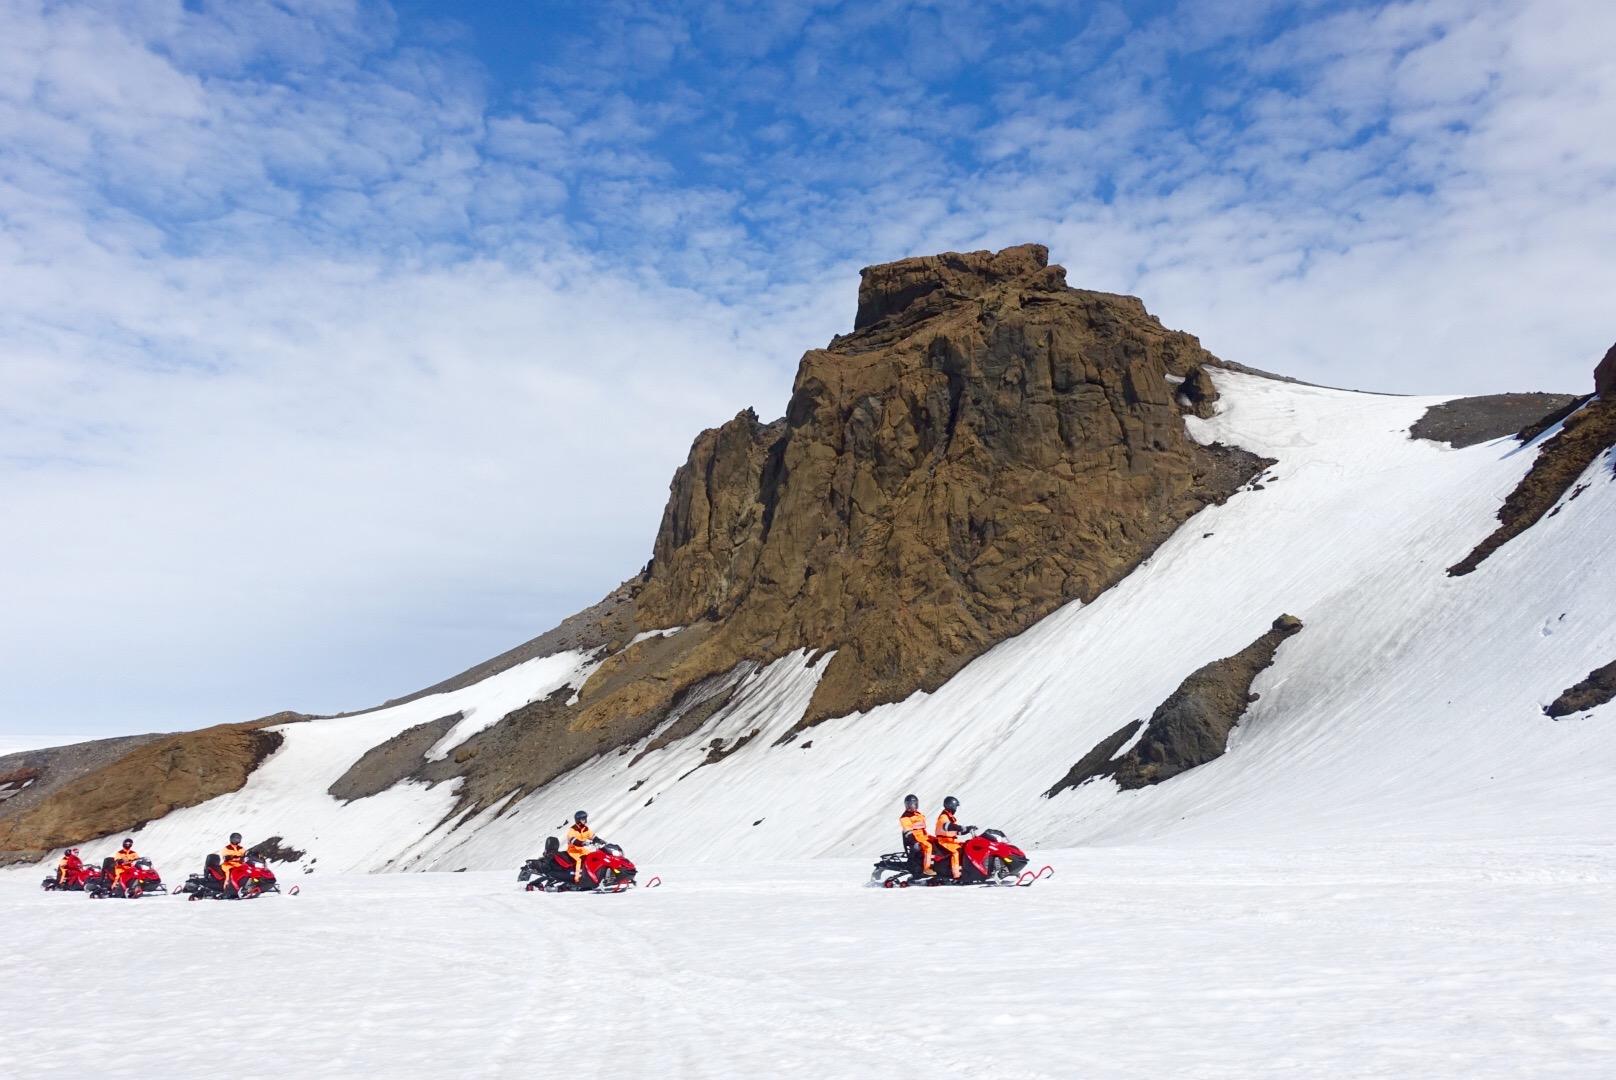 4-дневное зимнее приключение | Голубая лагуна, Золотое кольцо, катание на снегоходах и «охота» за северным сиянием - day 2